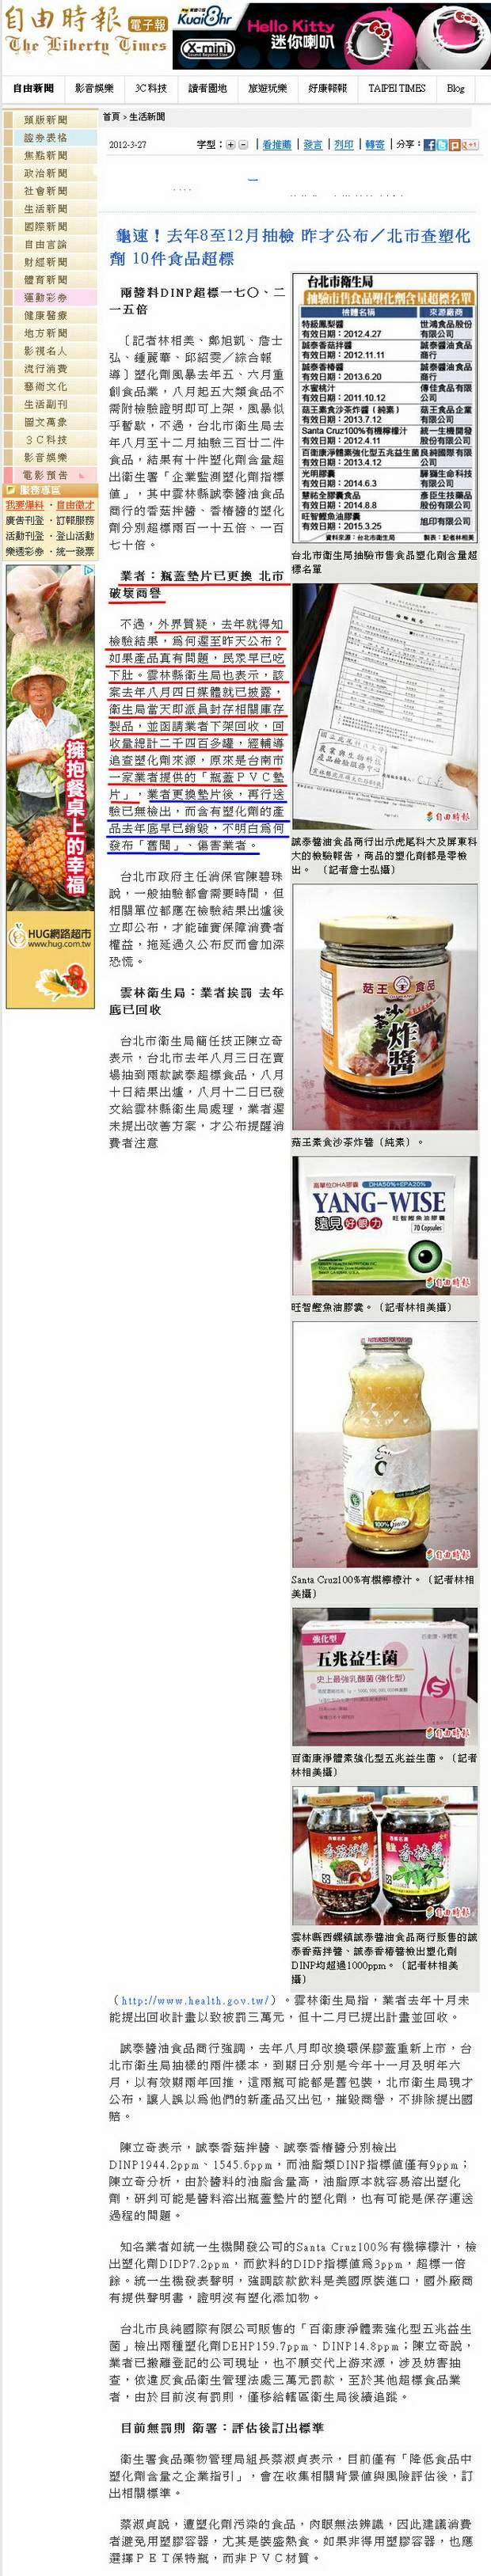 龜速!去年8至12月抽檢 昨才公布/北市查塑化劑 10件食品超標-2012.03.27